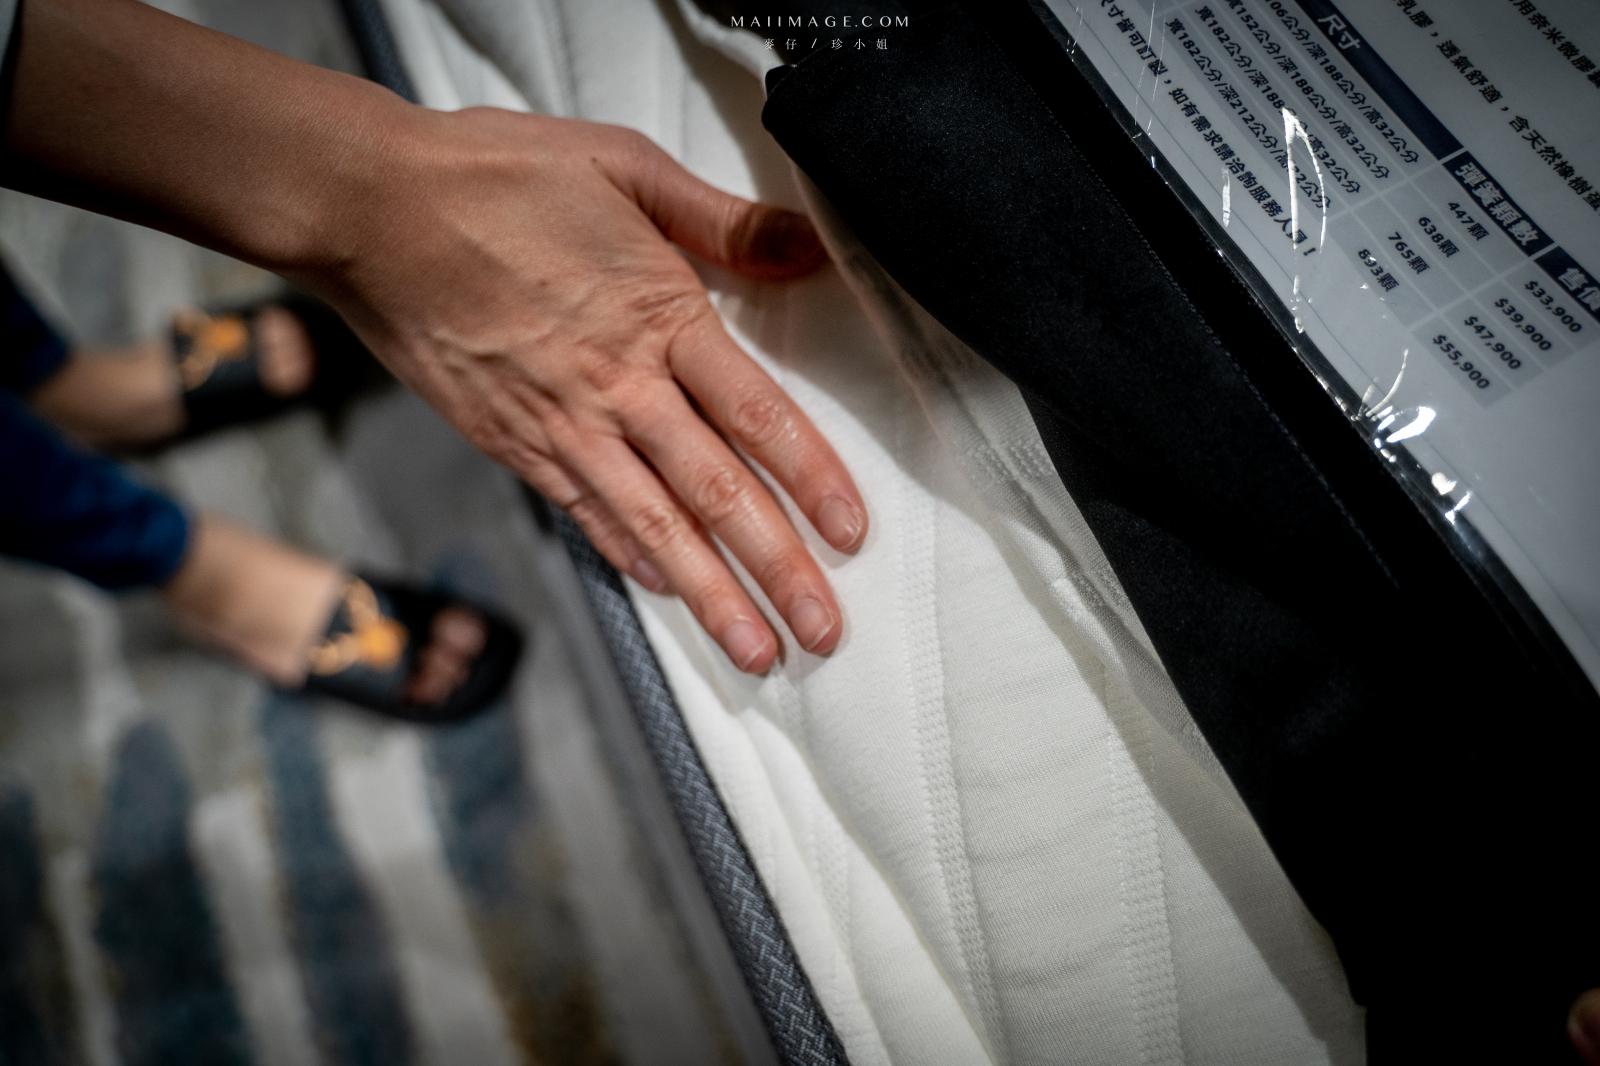 台中朋友有福了!台北35年經驗家具工廠開分店,客製化沙發MIT台灣品牌更安心|GAGU北歐家具工廠台中旗艦店、台中沙發床墊推薦